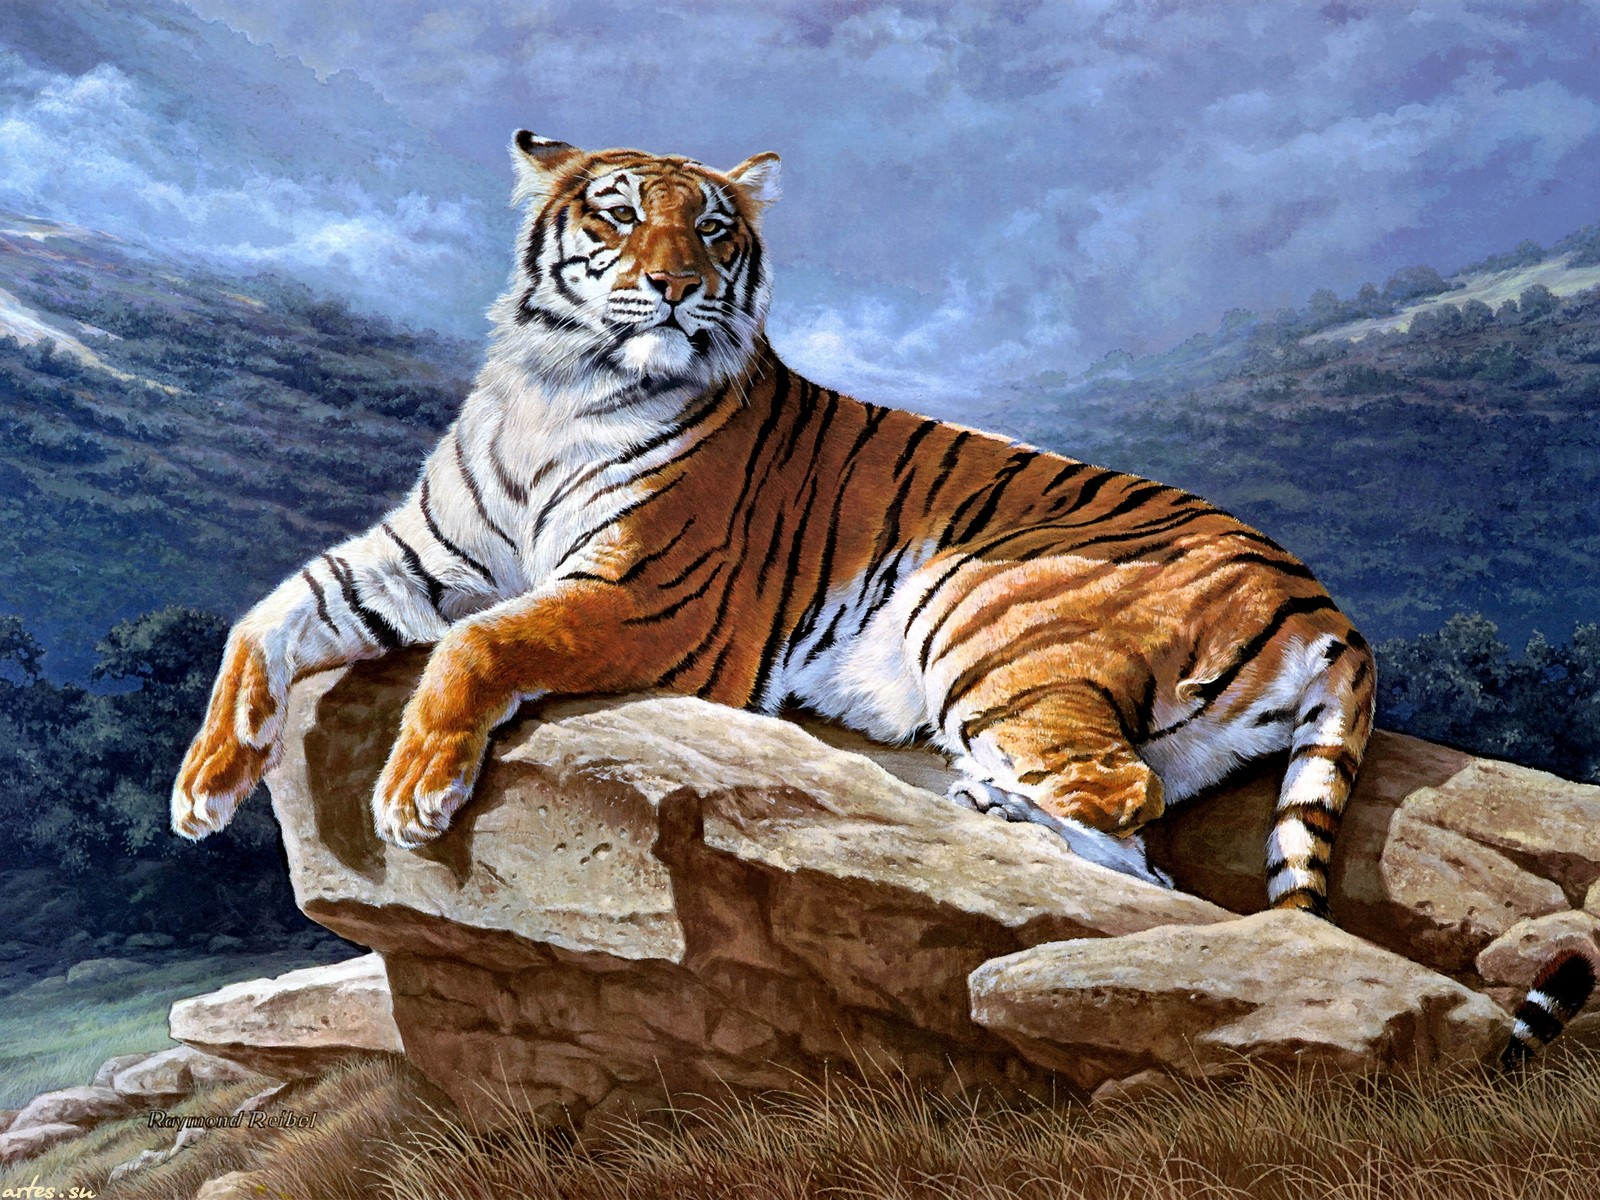 Beautiful tiger скачать картинку бесплатно на смартфон, планшет и.